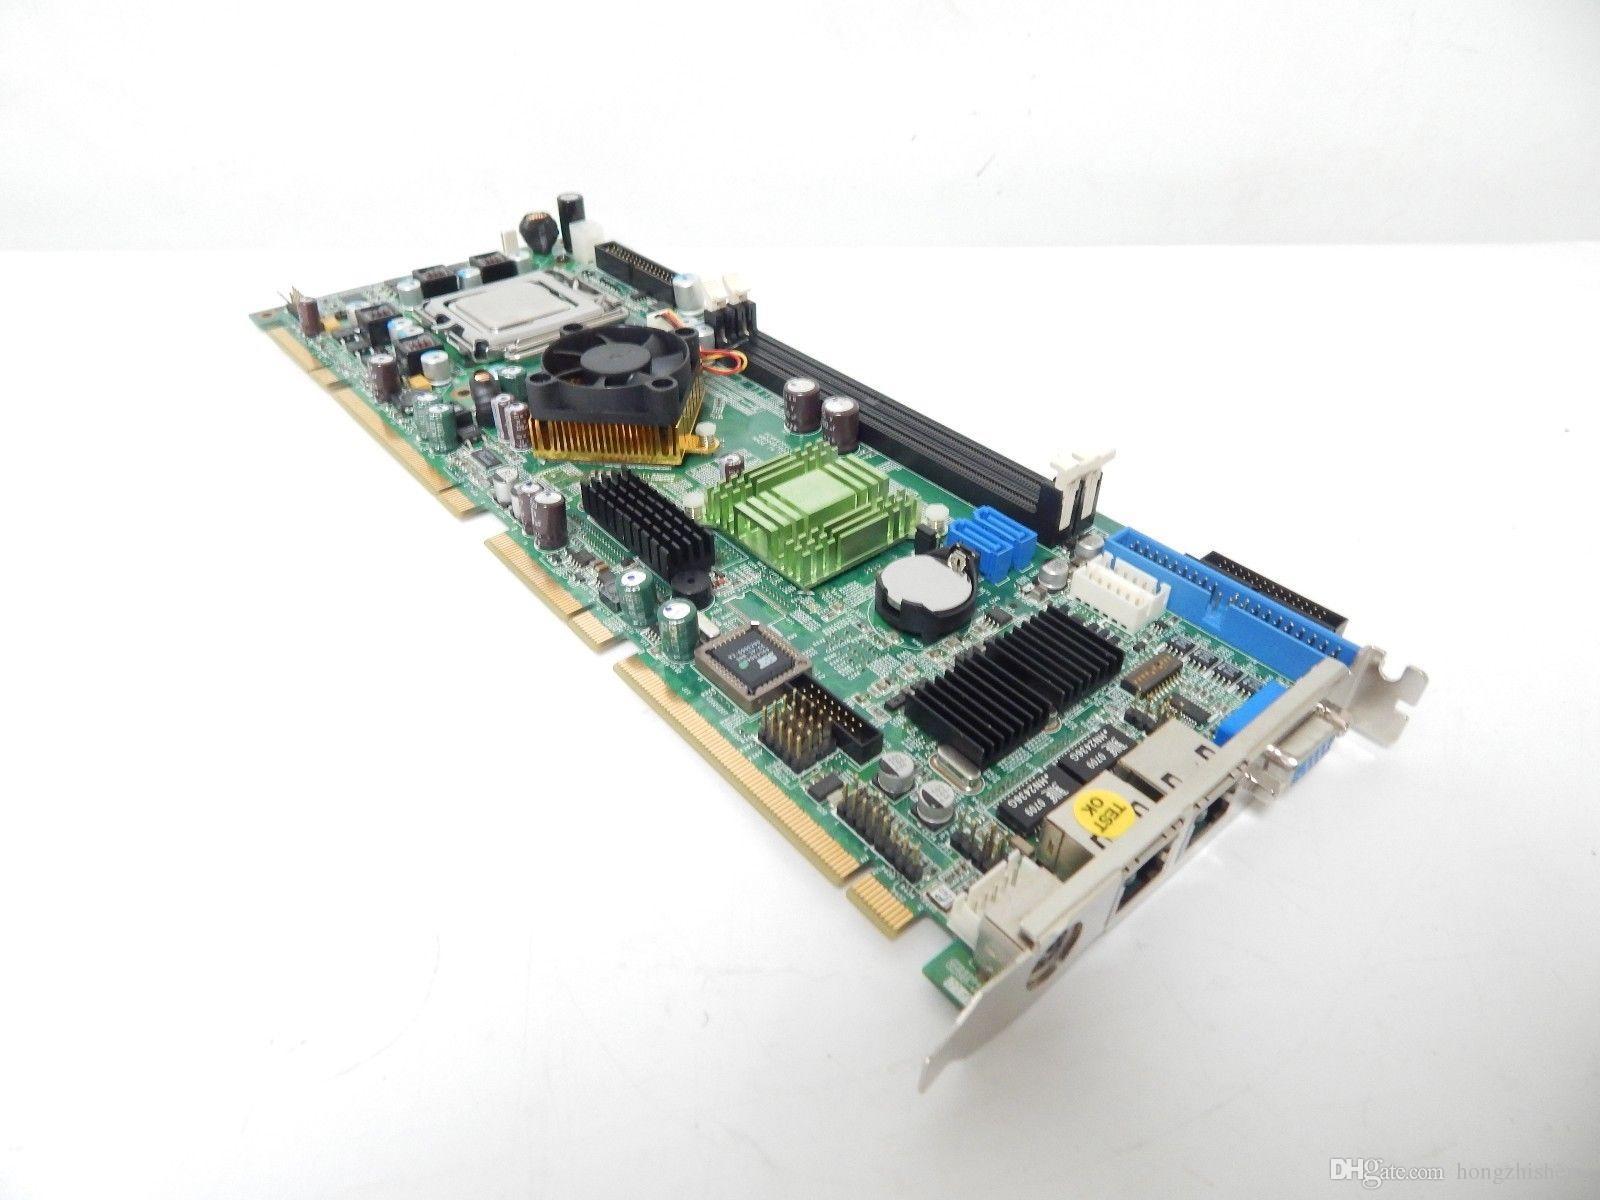 Плата промышленного оборудования PICMG1.3 PEAK870VL2 REV.D1 полноразмерная карта процессора